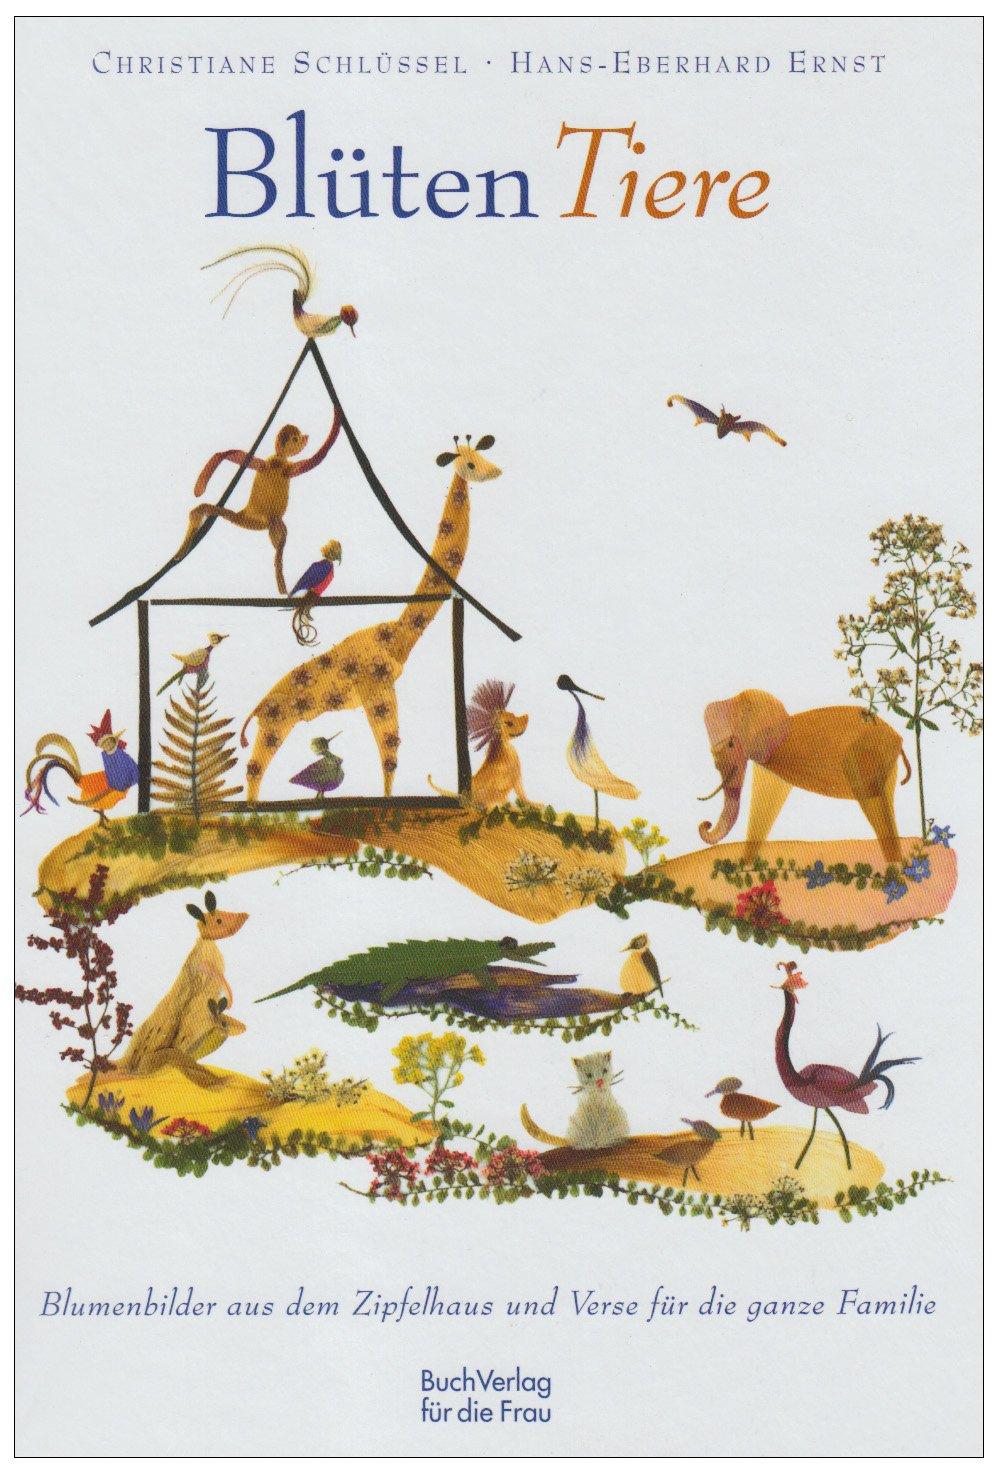 blten-tiere-blumenbilder-aus-dem-zipfehaus-und-verse-fr-die-ganze-familie